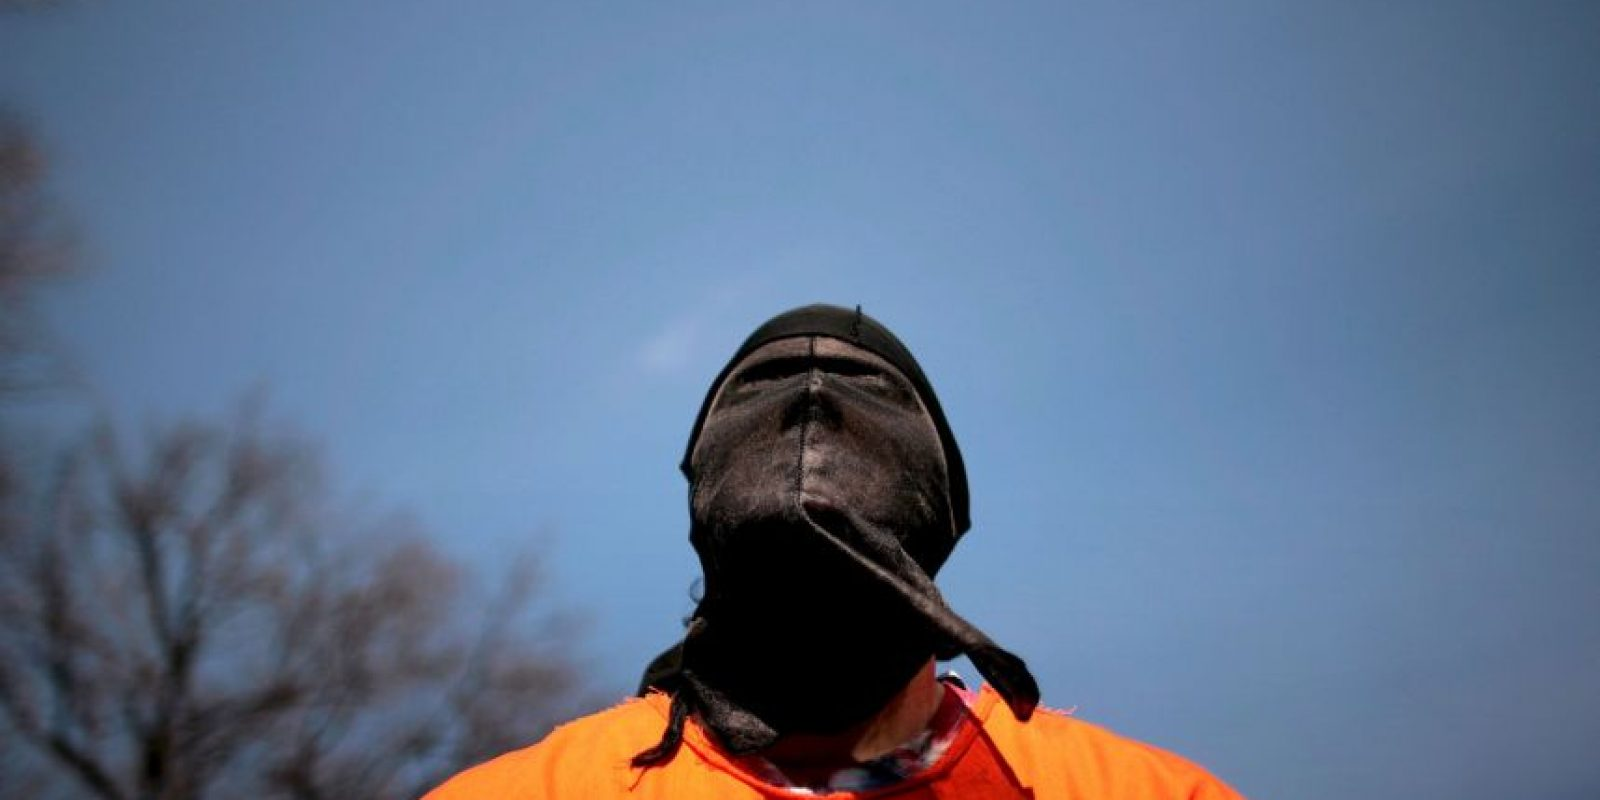 La Carta Africana de Derechos Humanos y de los Pueblos prohíbe expresamente la tortura, pero sólo 10 Estados cuentan con legislación nacional que tipifique estos actos como delito. Foto:Getty Images